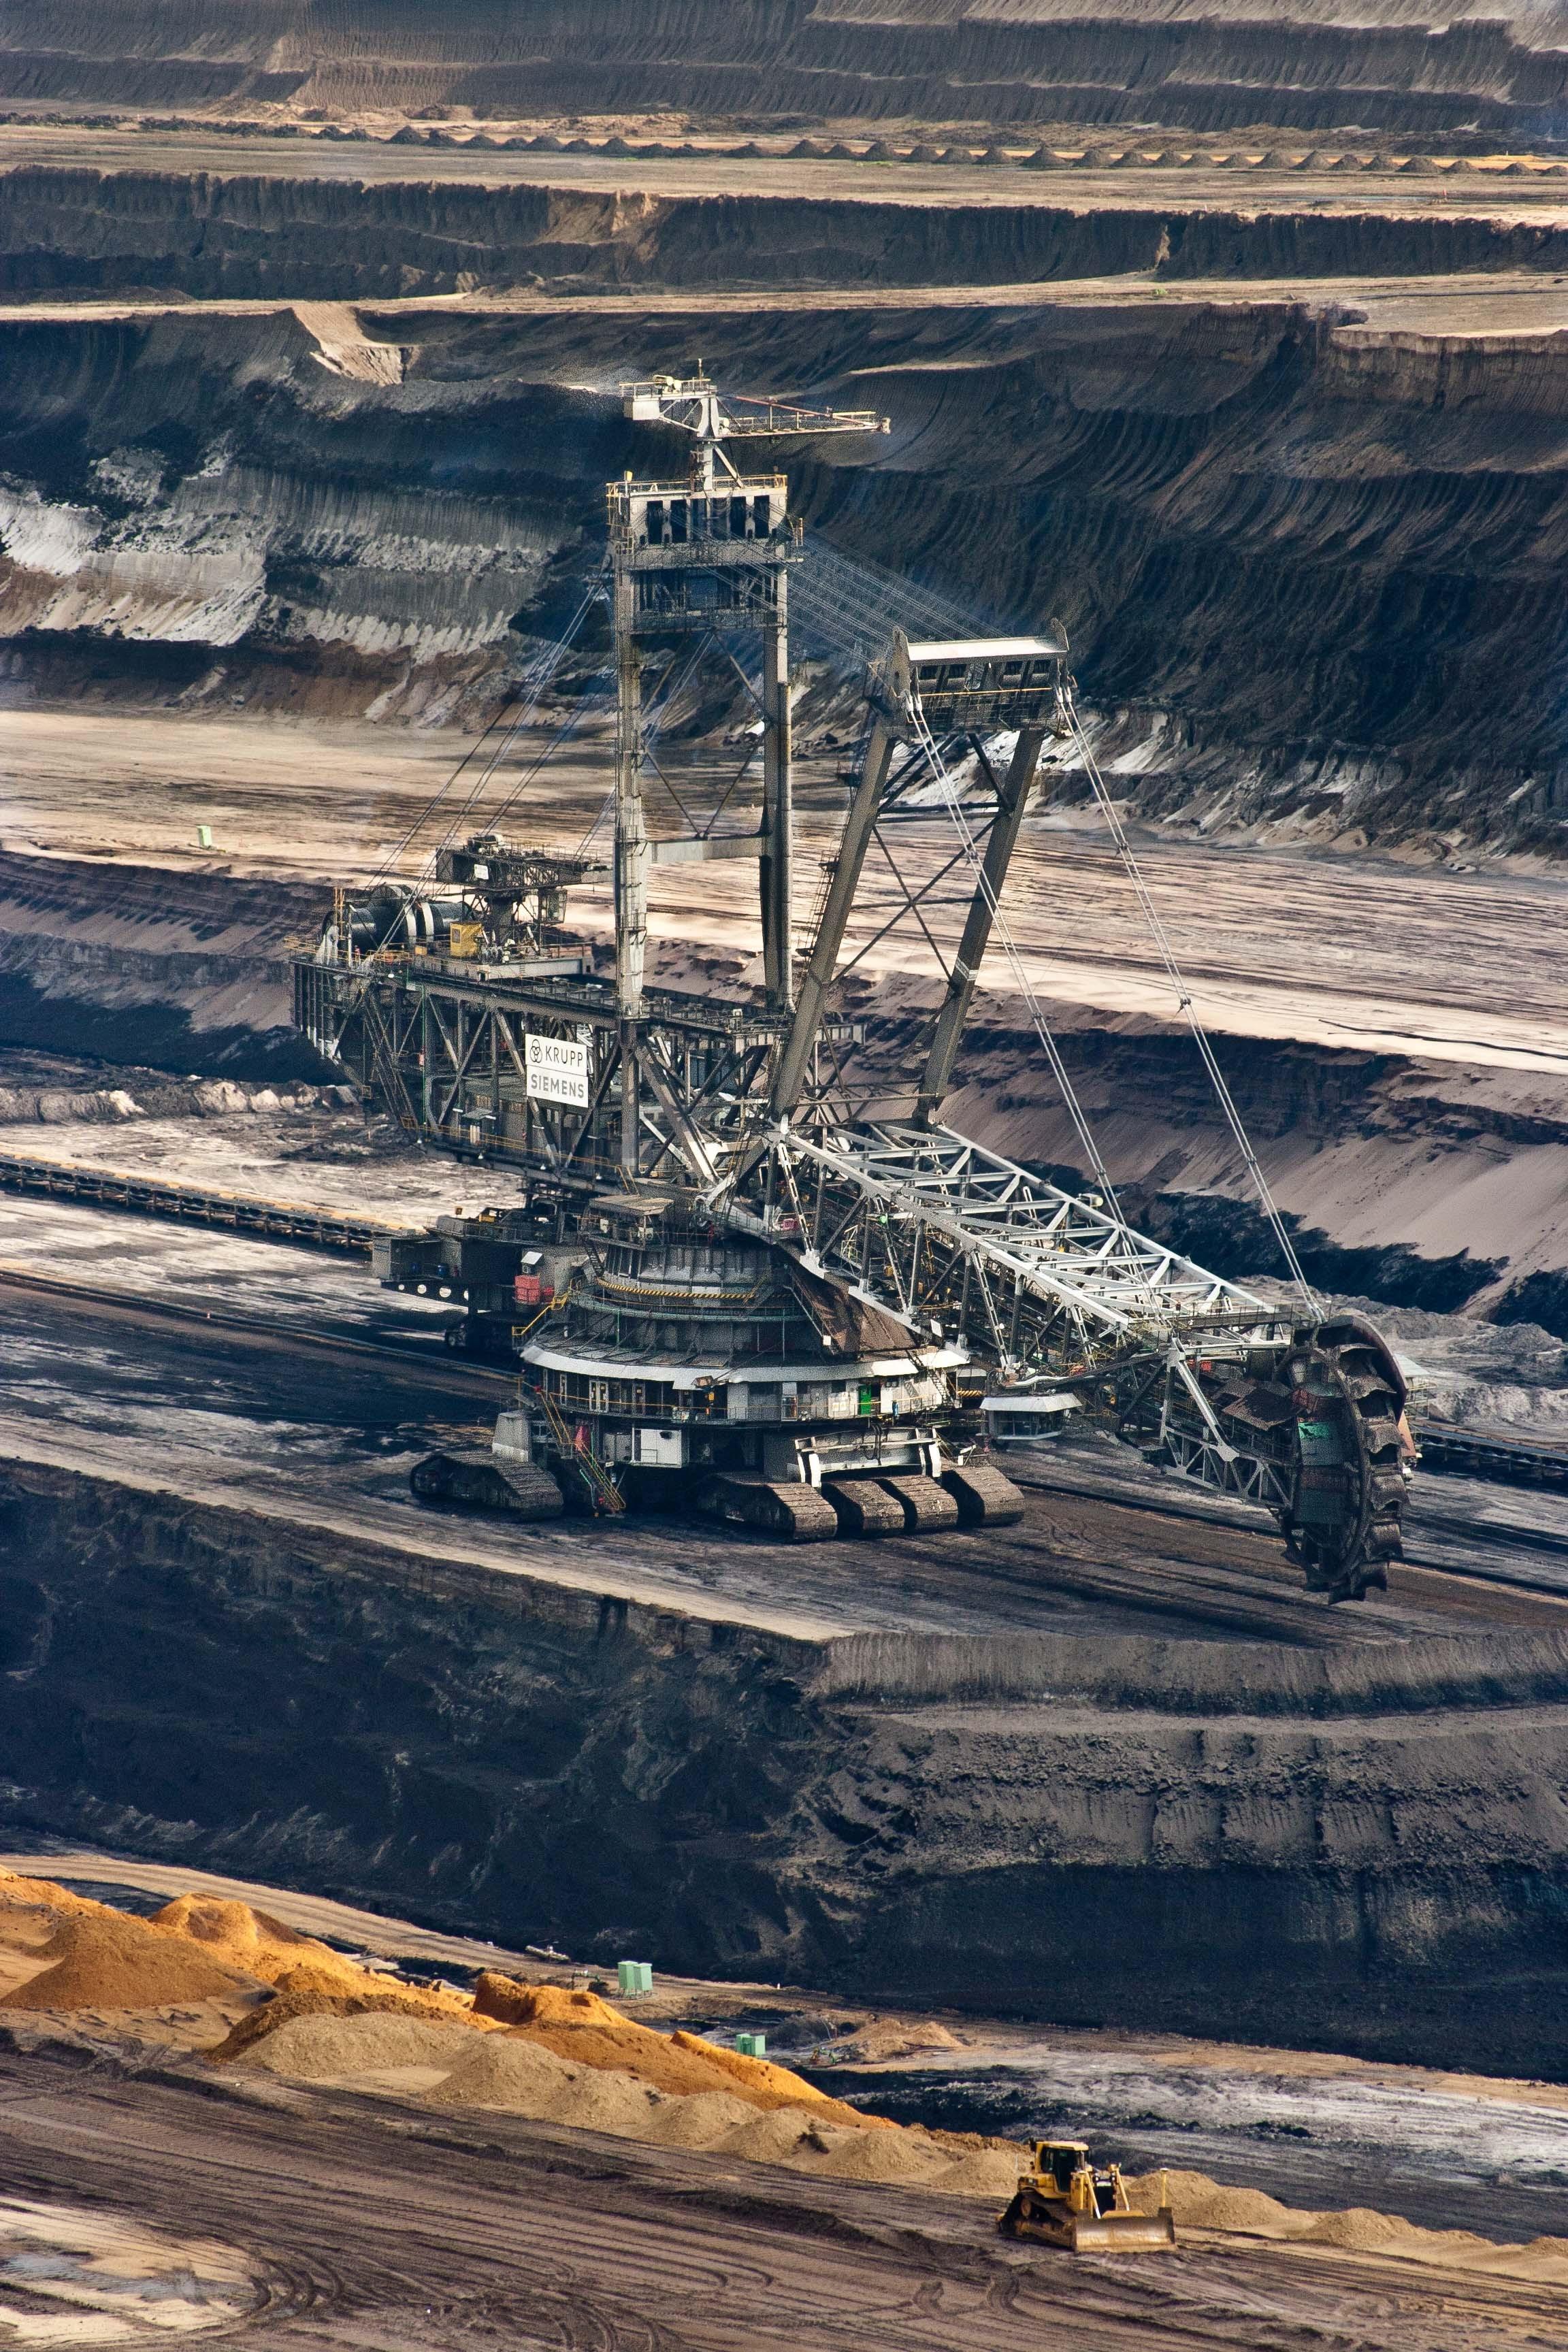 Black Iphone X Wallpaper 4k Free Stock Photo Of Brown Coal Bucket Wheel Excavators